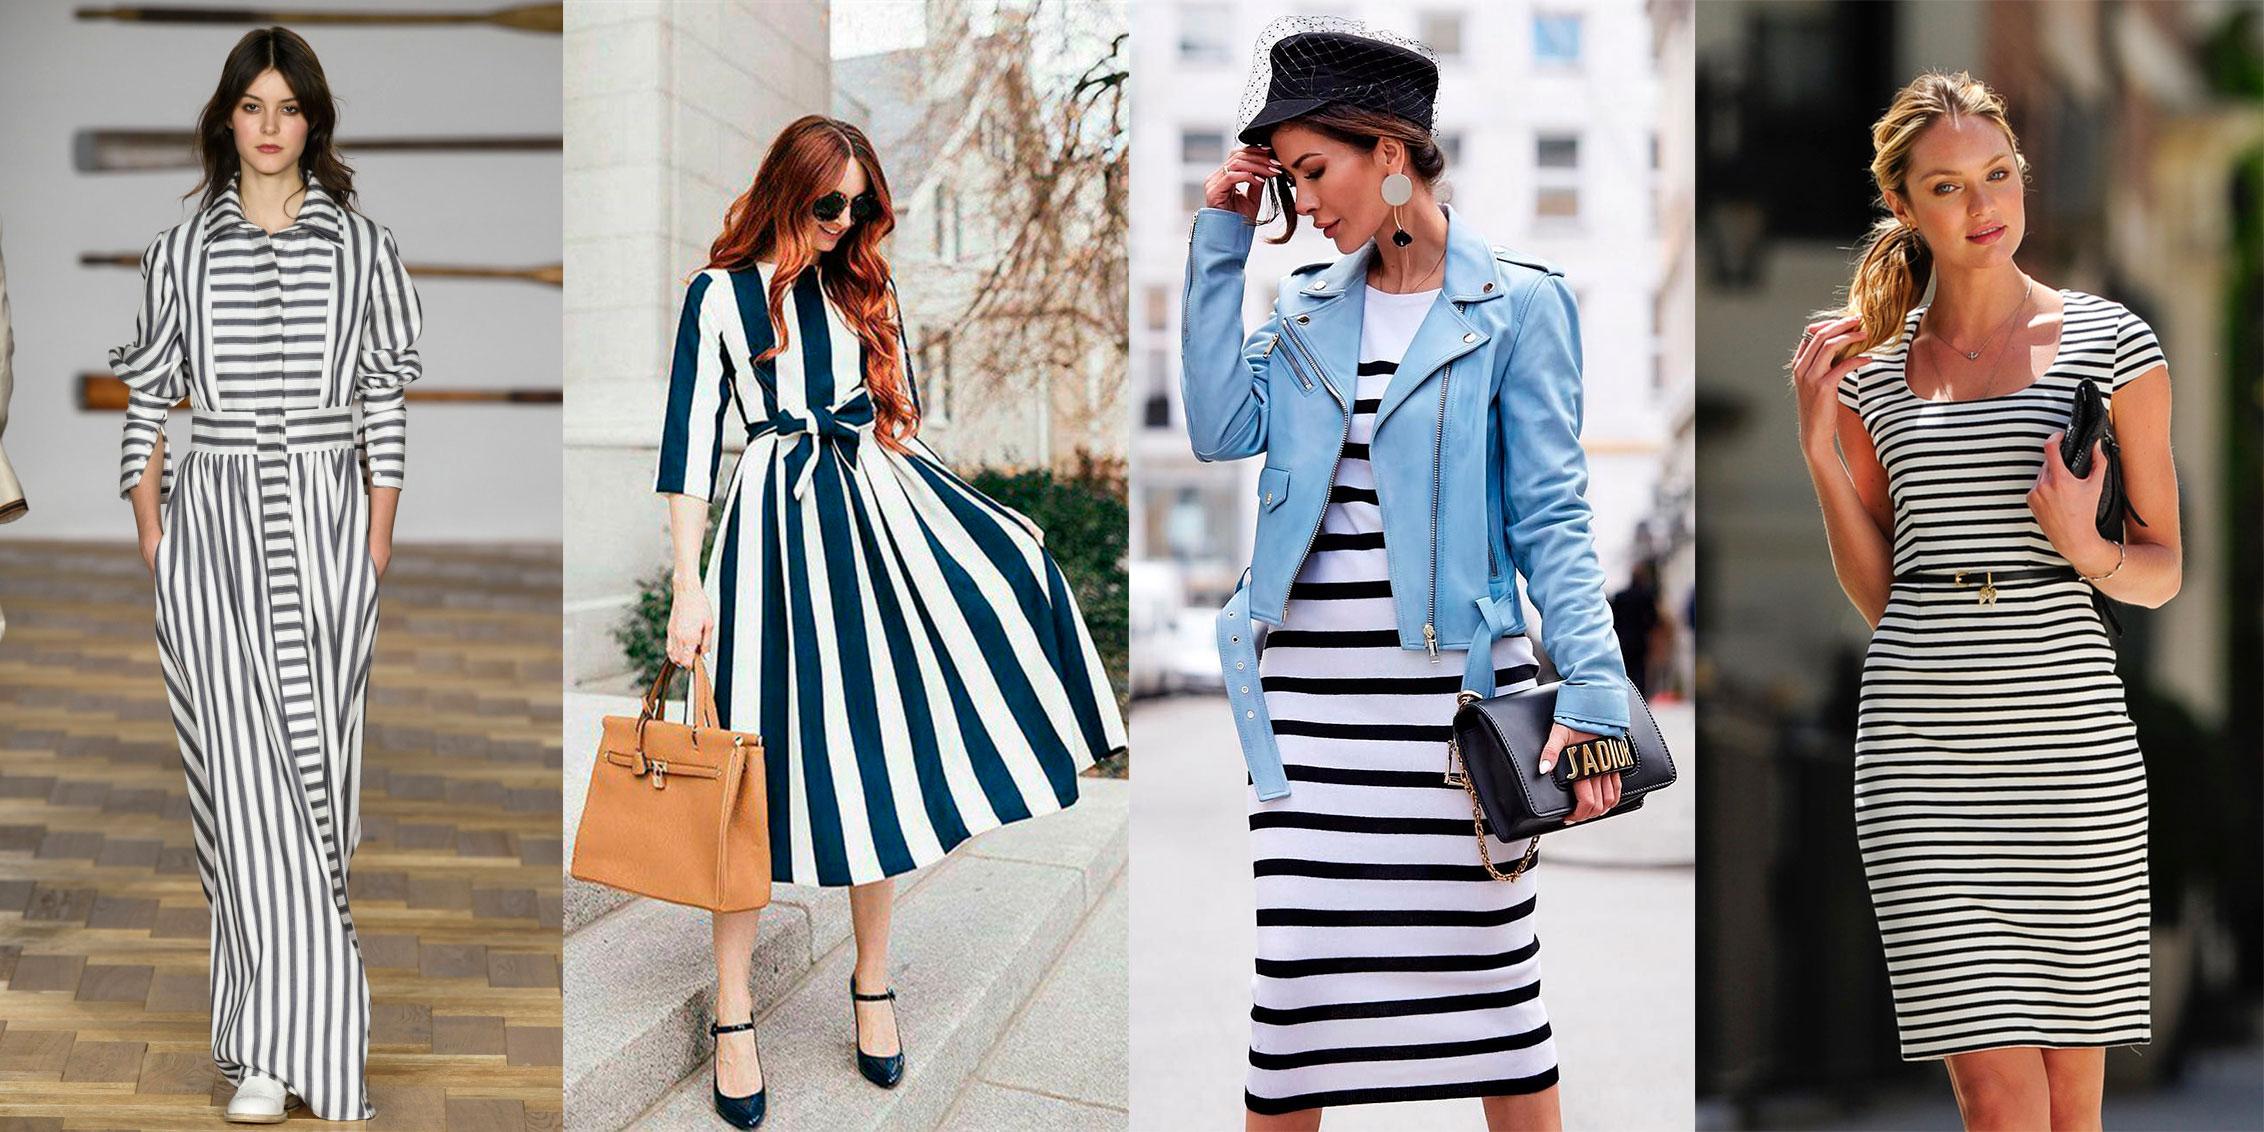 Модный тренд весны и лета — женская одежда в полоску